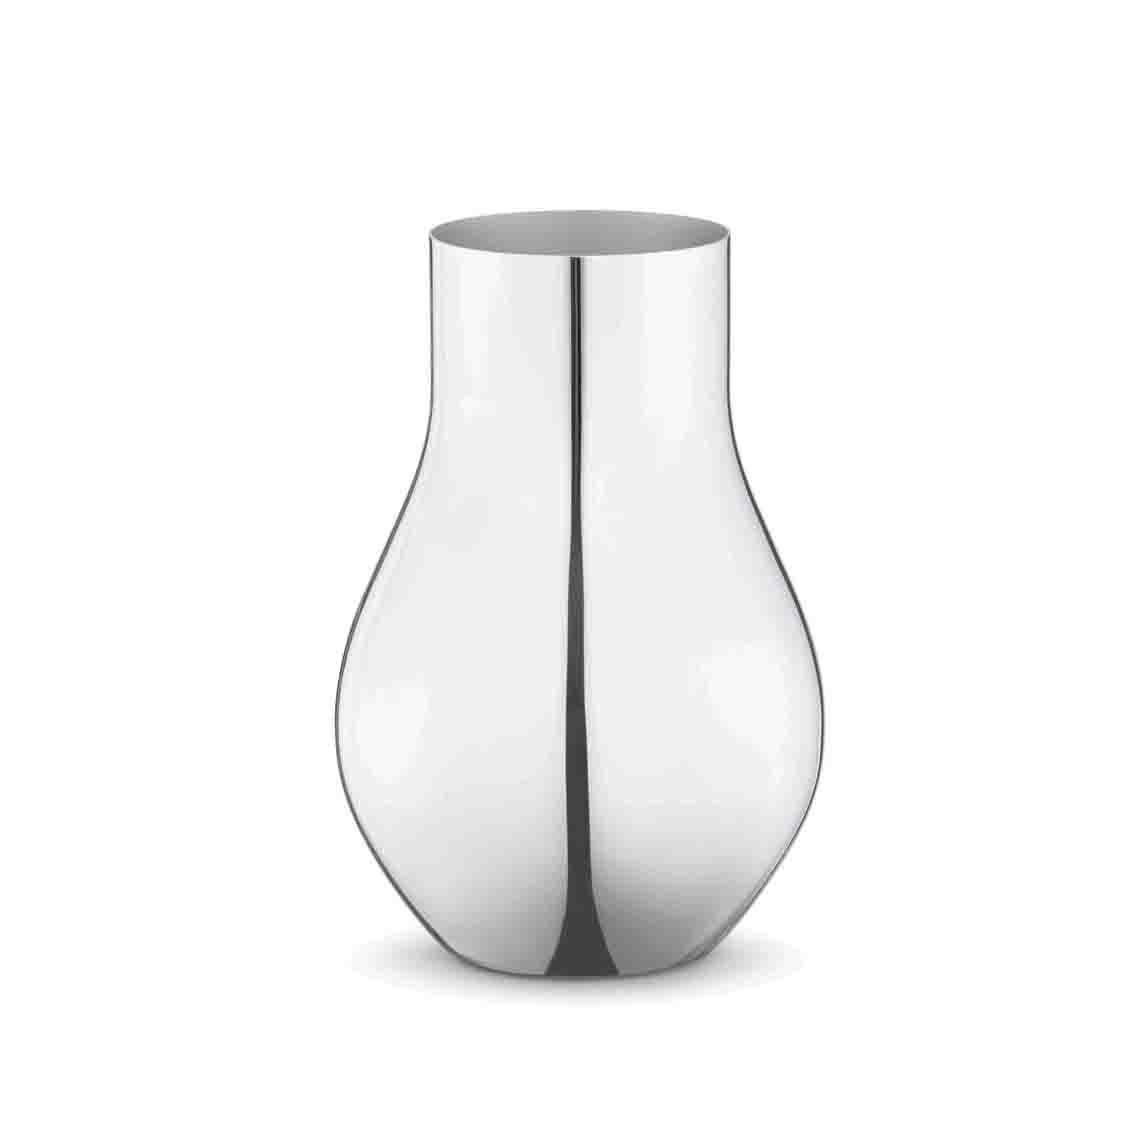 LIVING GEORG JENSEN CAFU系列 - 不鏽鋼花器(中型) 建議售價NT$5,200